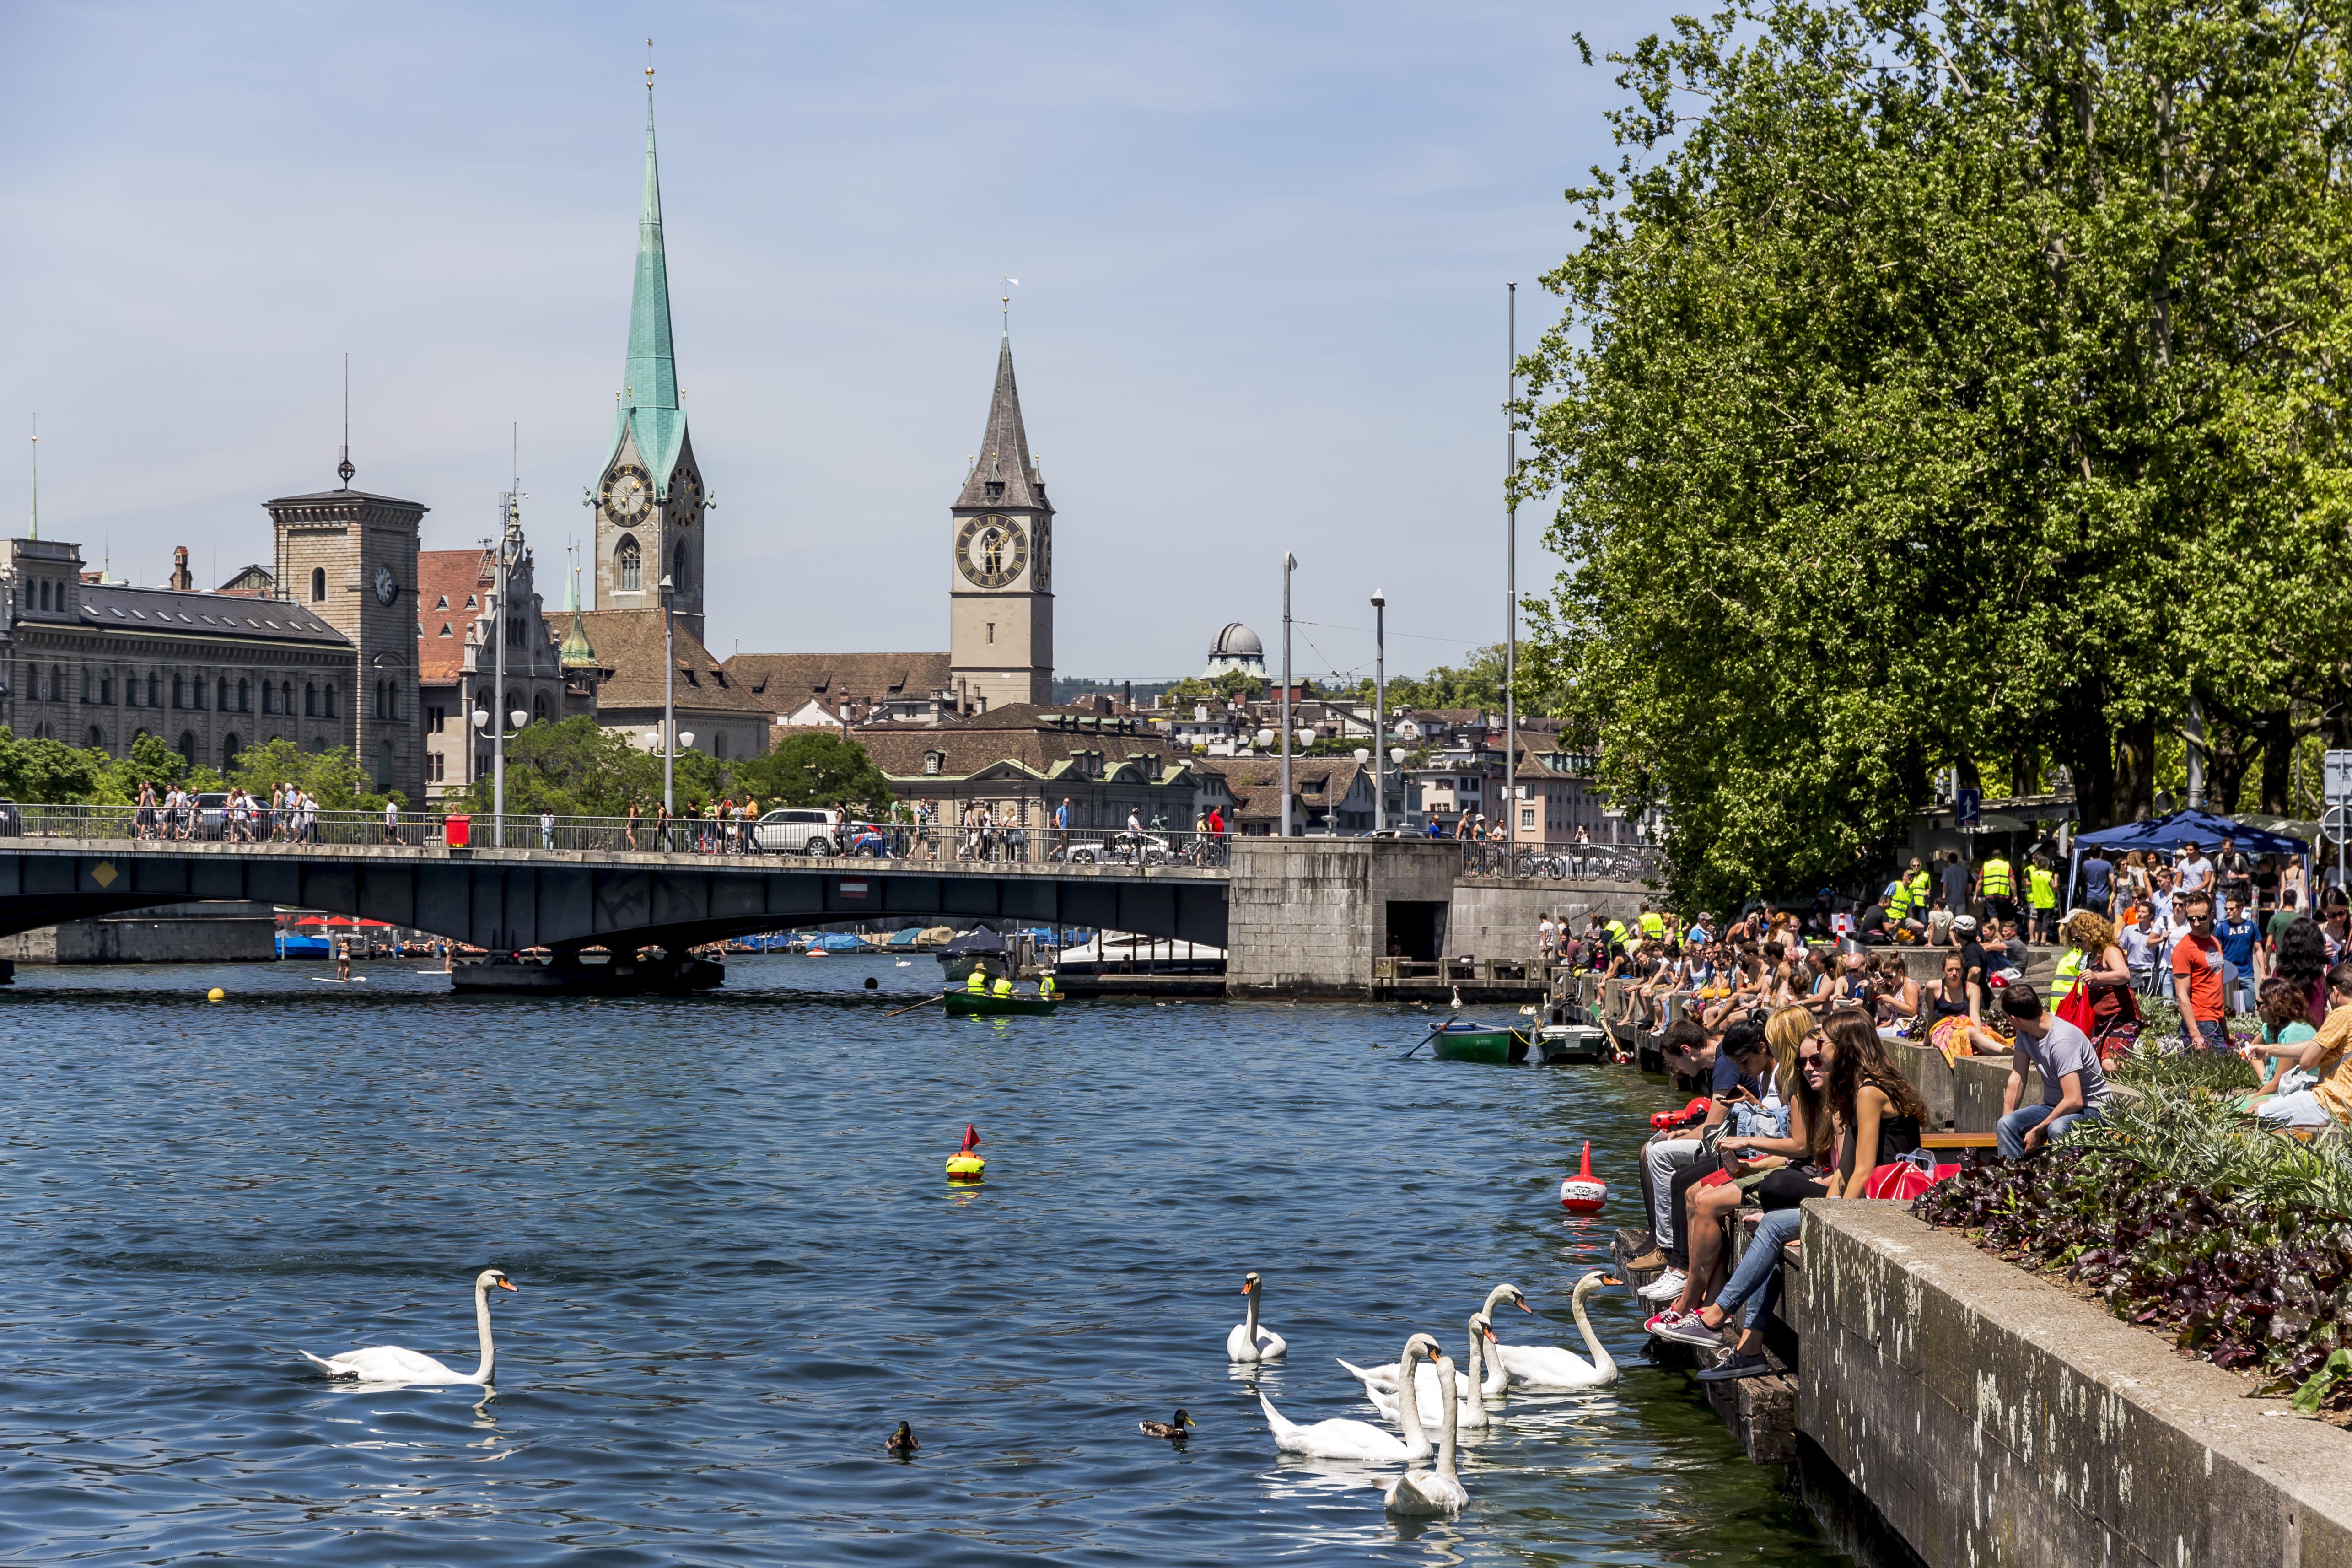 Quando os termômetros sobem, a cidade é tomada por uma energia especial e a vida gira em torno do rio e do lago